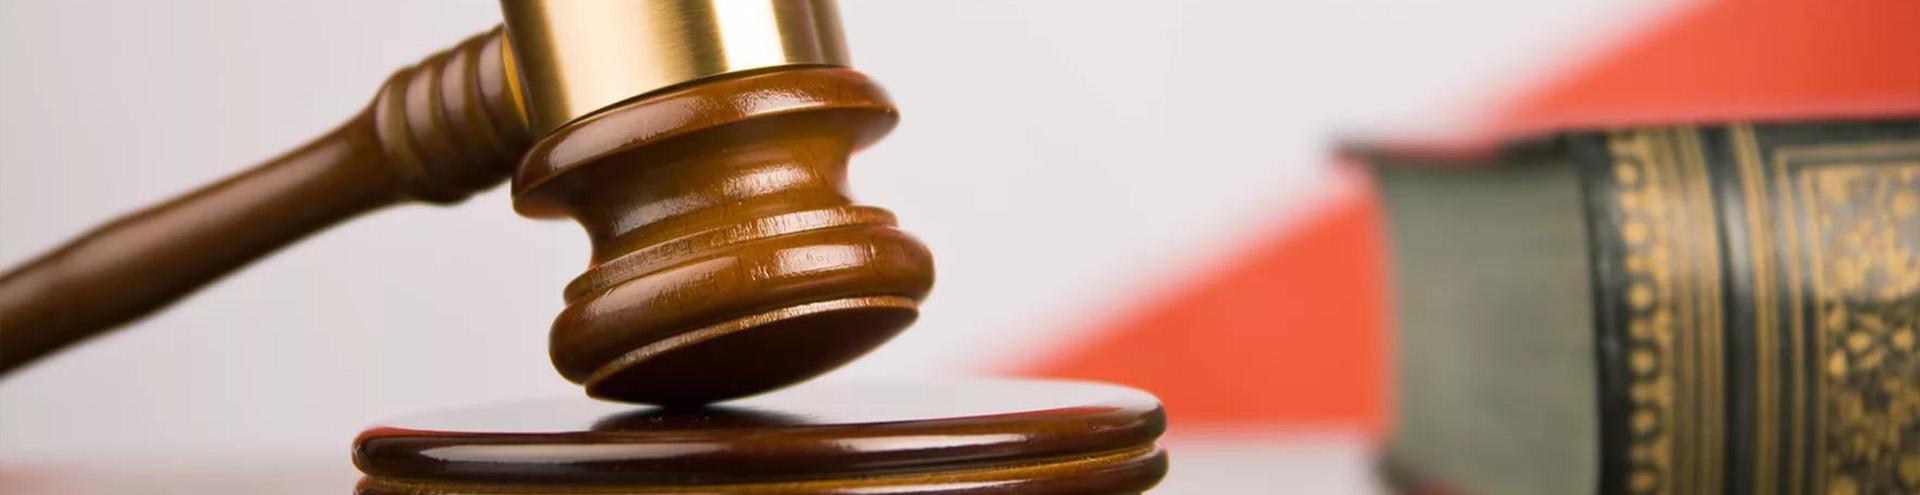 выдача судебного приказа в Оренбурге и Оренбургской области